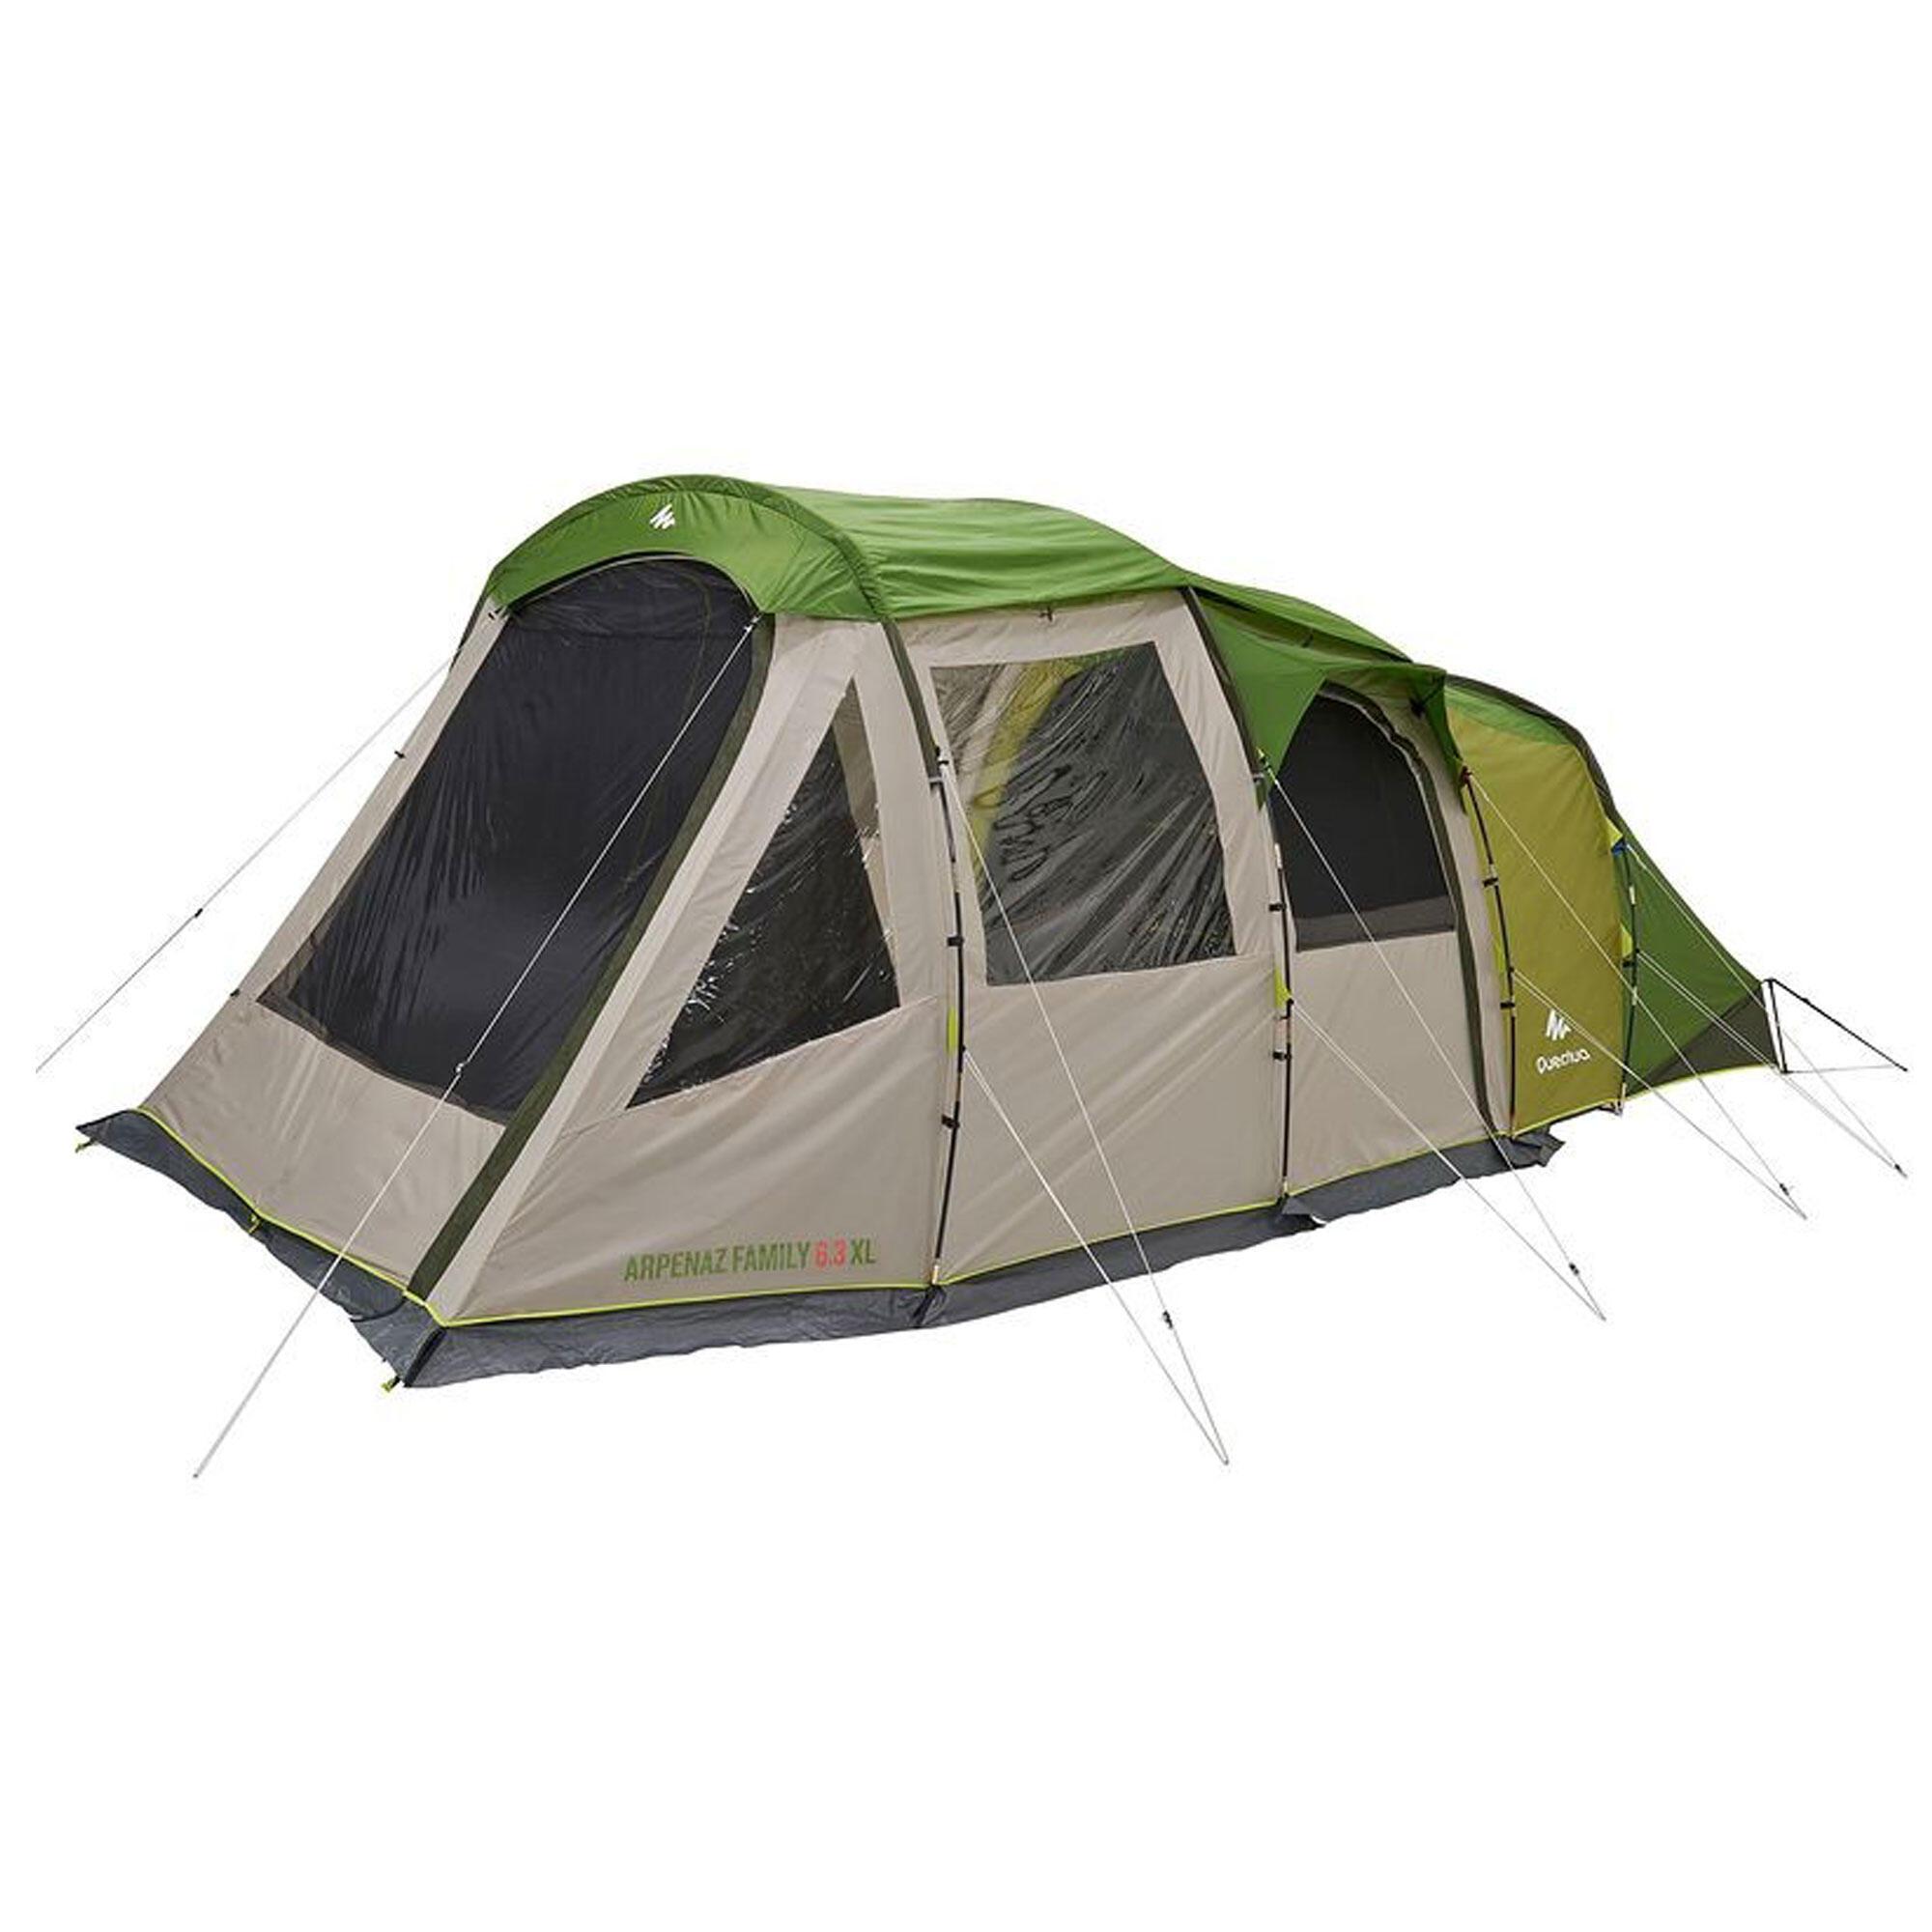 Quechua Buitentent voor tent Arpenaz Family 6.3 XL Sport>Tenten>Festivaltenten kopen